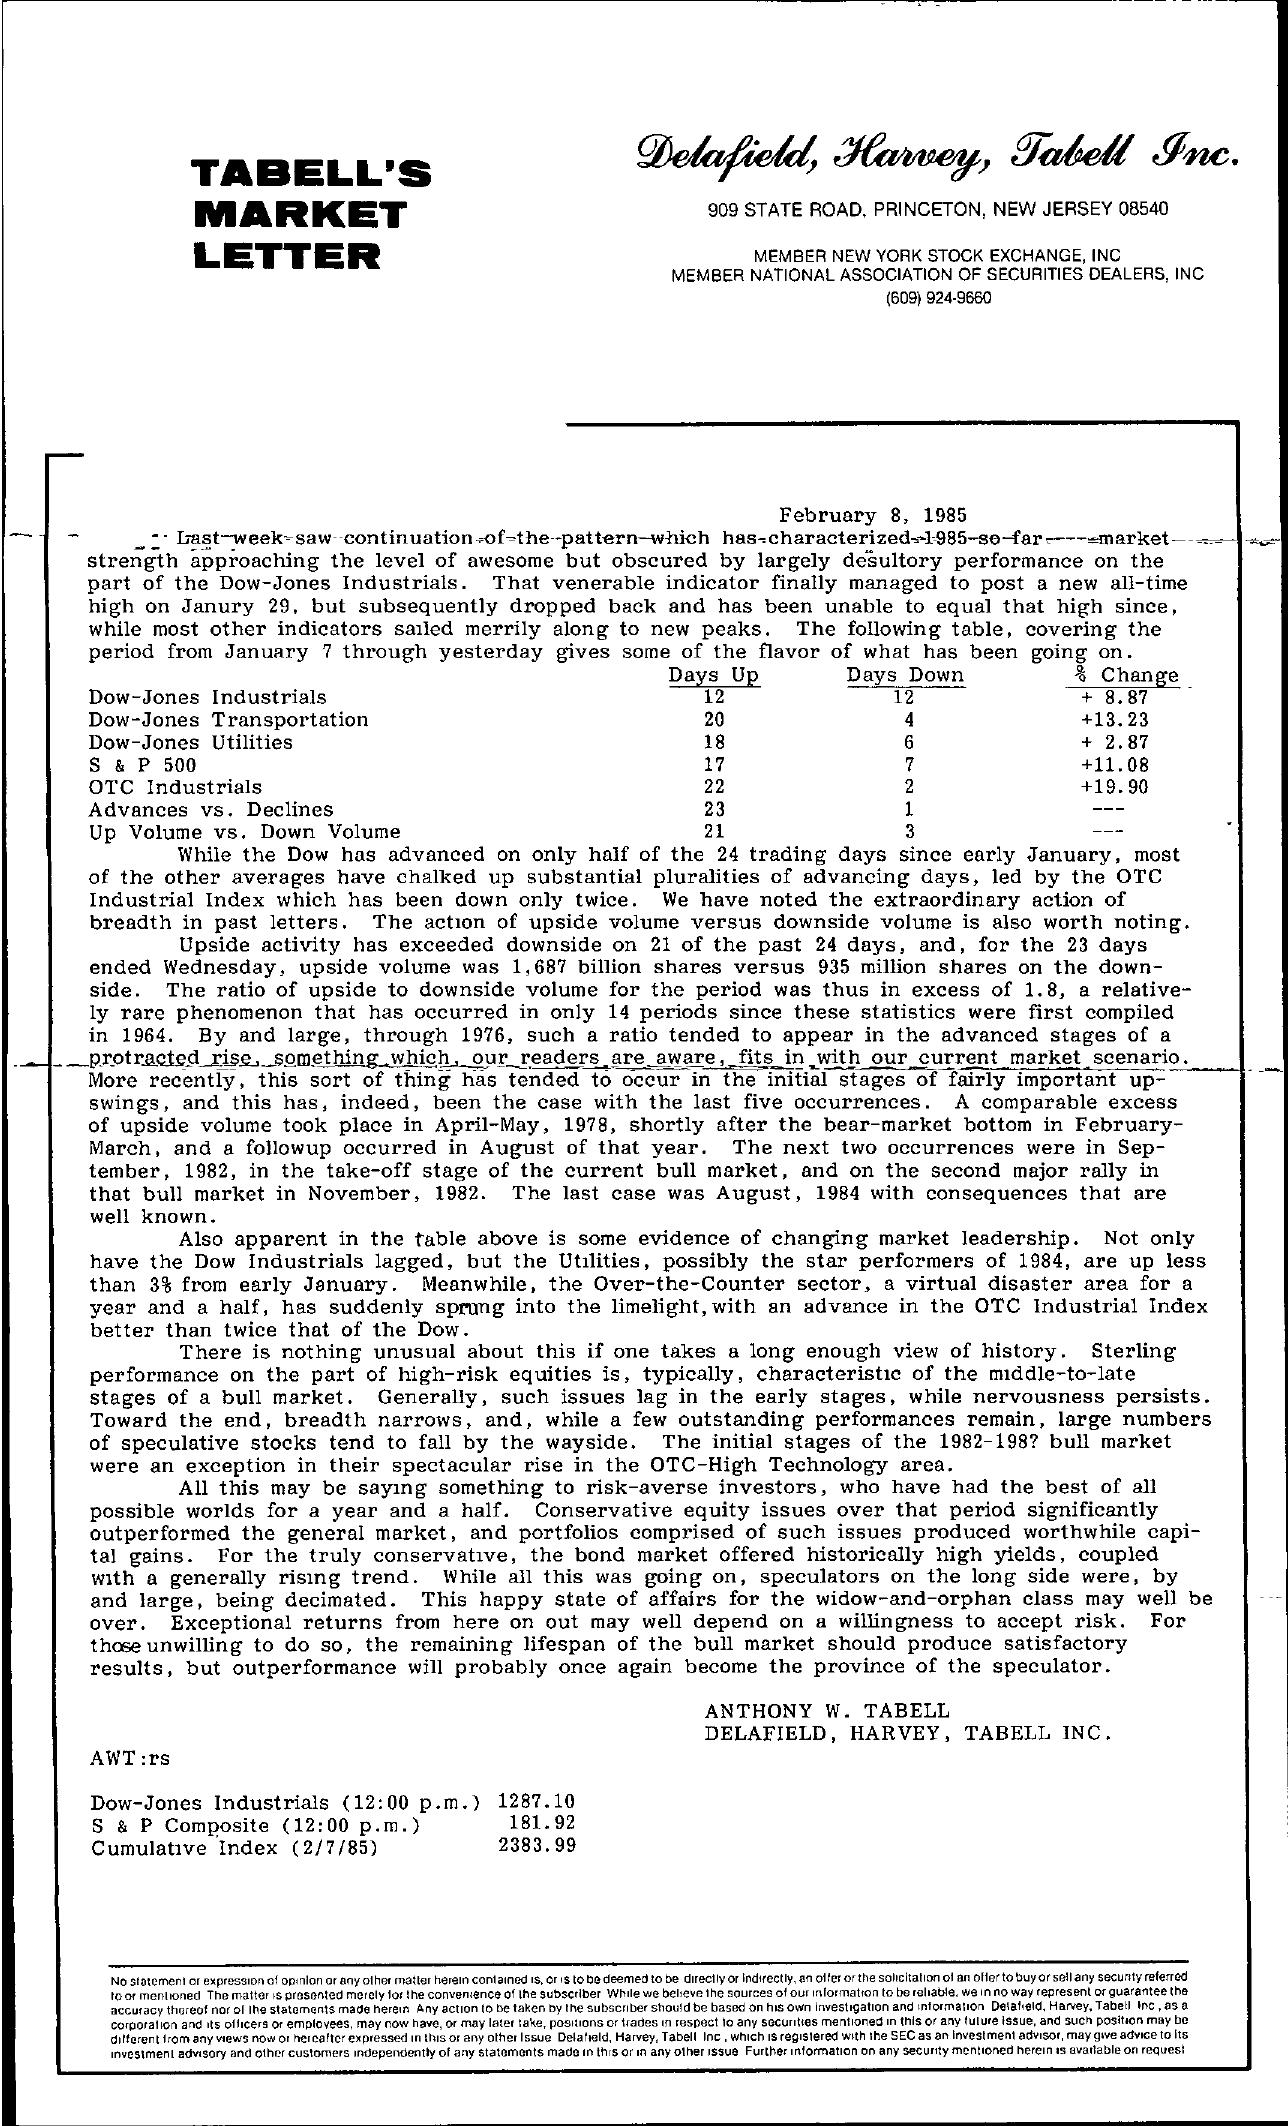 Tabell's Market Letter - February 08, 1985